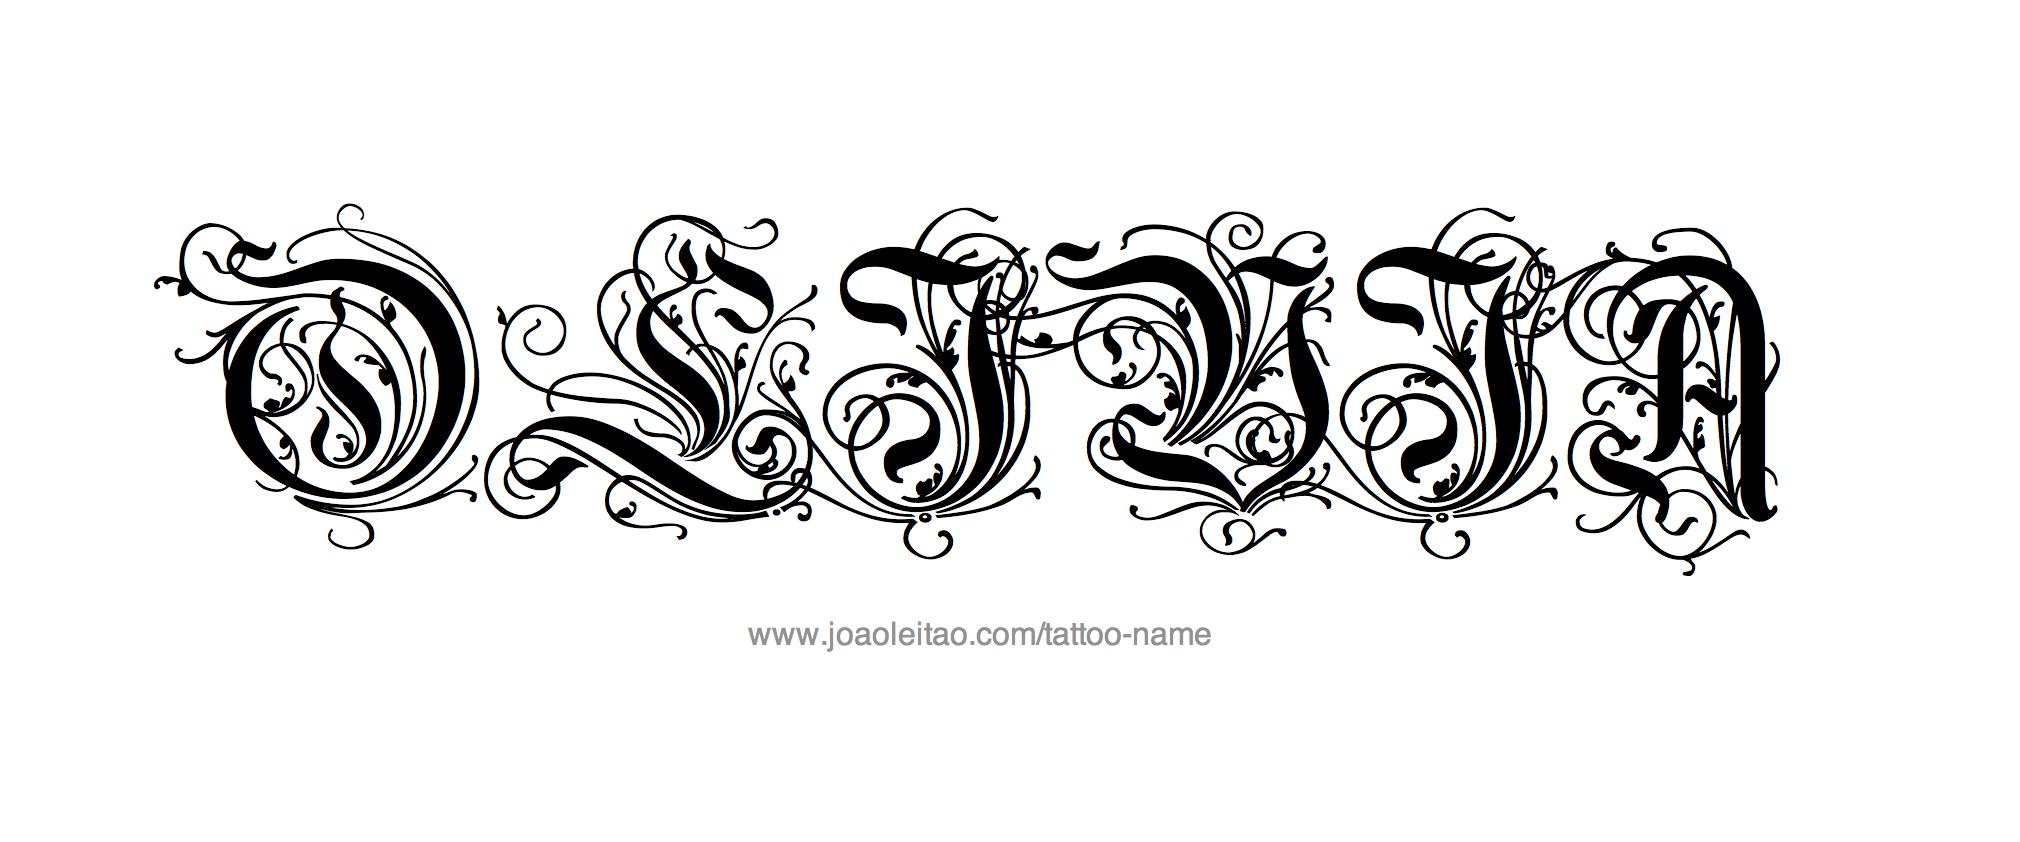 Olivia Name Tattoo Designs Name Tattoos Tattoo Designs Name Tattoo Designs